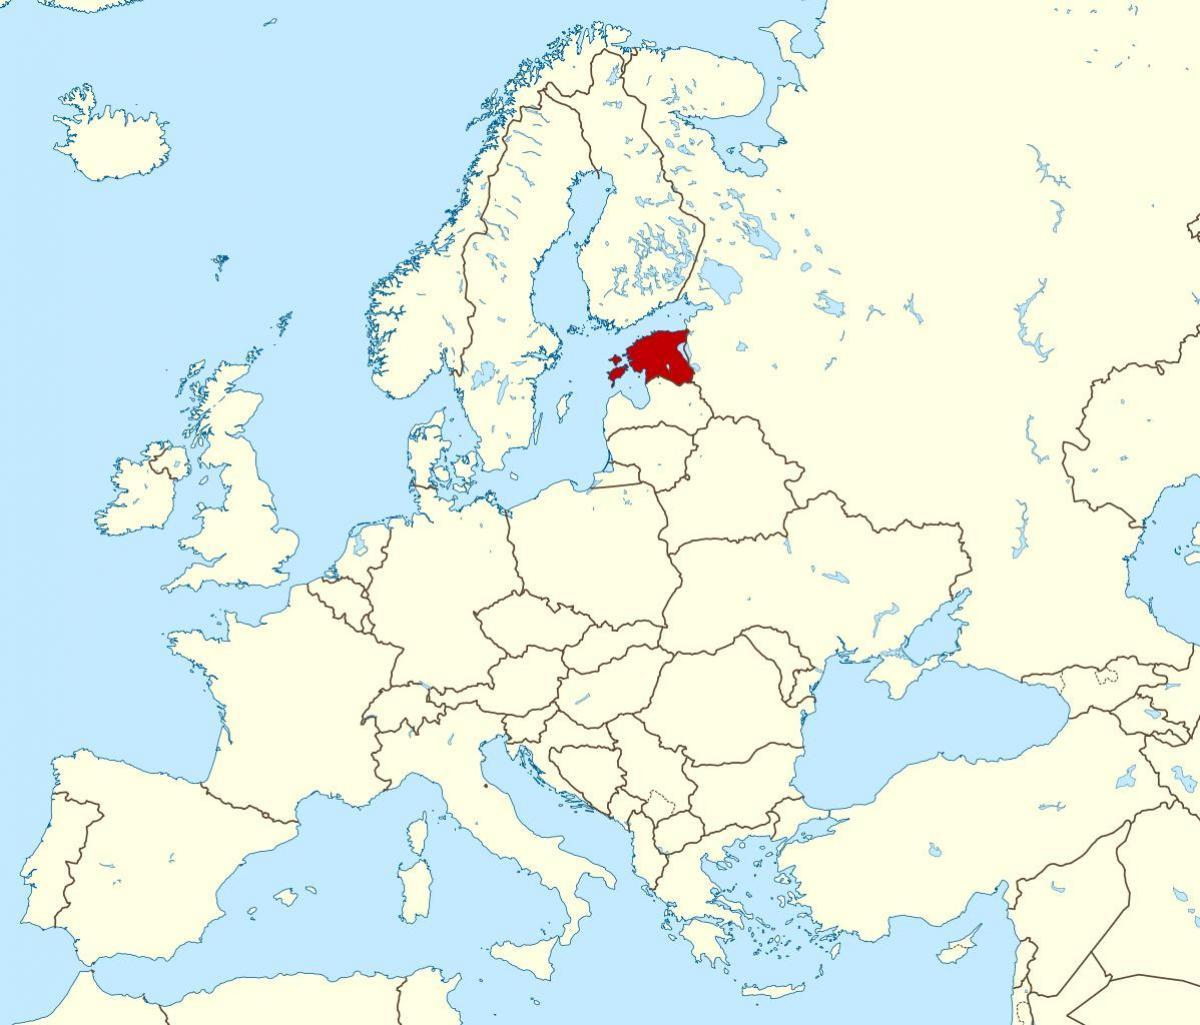 Karta Varlden Europa.Estland I Varlden Karta Estland Plats Pa Varldskartan Norra